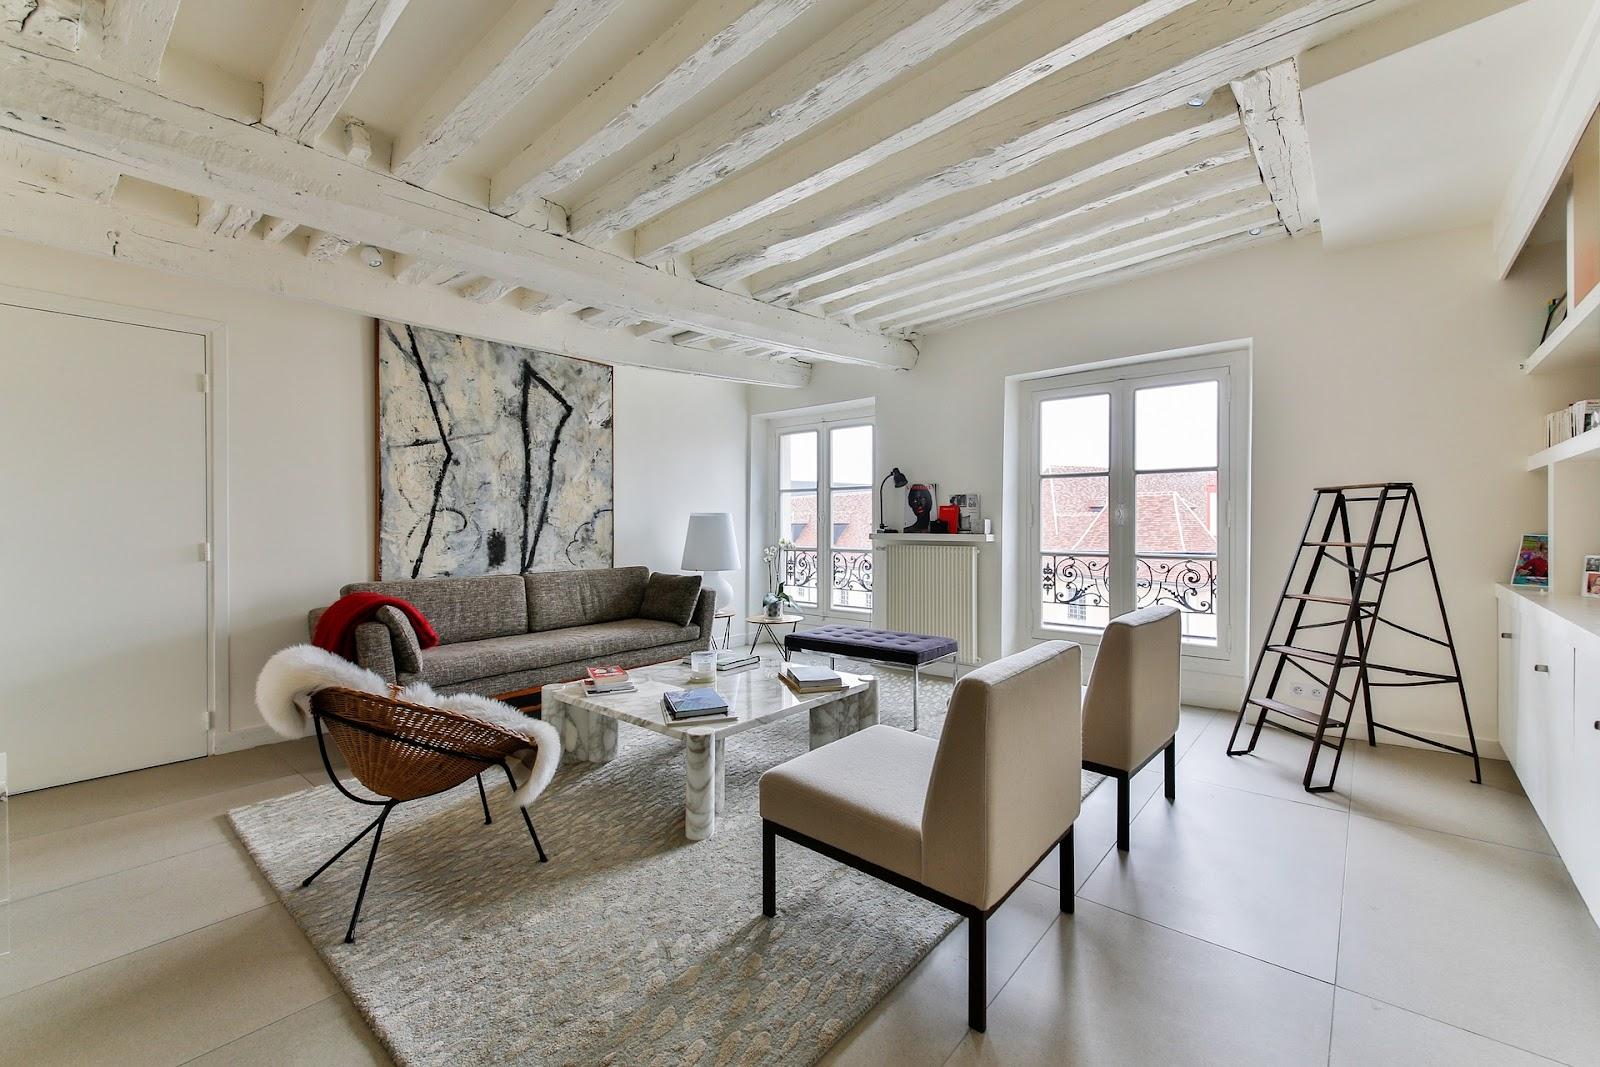 scandinavian-living-room-2132348_1920.jpg